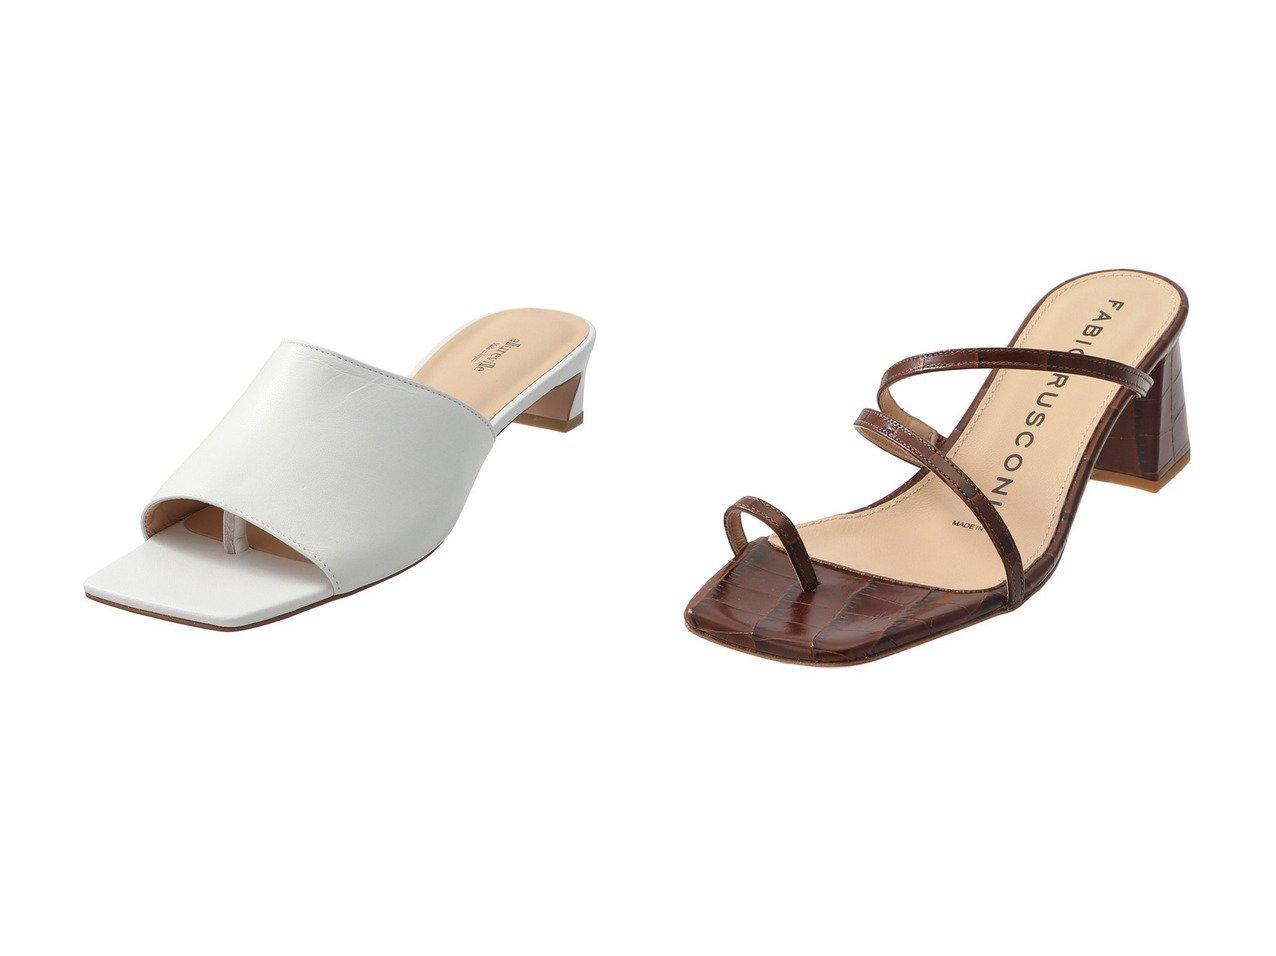 【MAISON SPECIAL/メゾンスペシャル】の【FABOI RUSCONI】ROLO2 サンダル&【allureville/アルアバイル】のトングサンダル 【シューズ・靴】おすすめ!人気、トレンド・レディースファッションの通販 おすすめで人気の流行・トレンド、ファッションの通販商品 メンズファッション・キッズファッション・インテリア・家具・レディースファッション・服の通販 founy(ファニー) https://founy.com/ ファッション Fashion レディースファッション WOMEN S/S・春夏 SS・Spring/Summer サンダル ラップ 春 Spring  ID:crp329100000029165